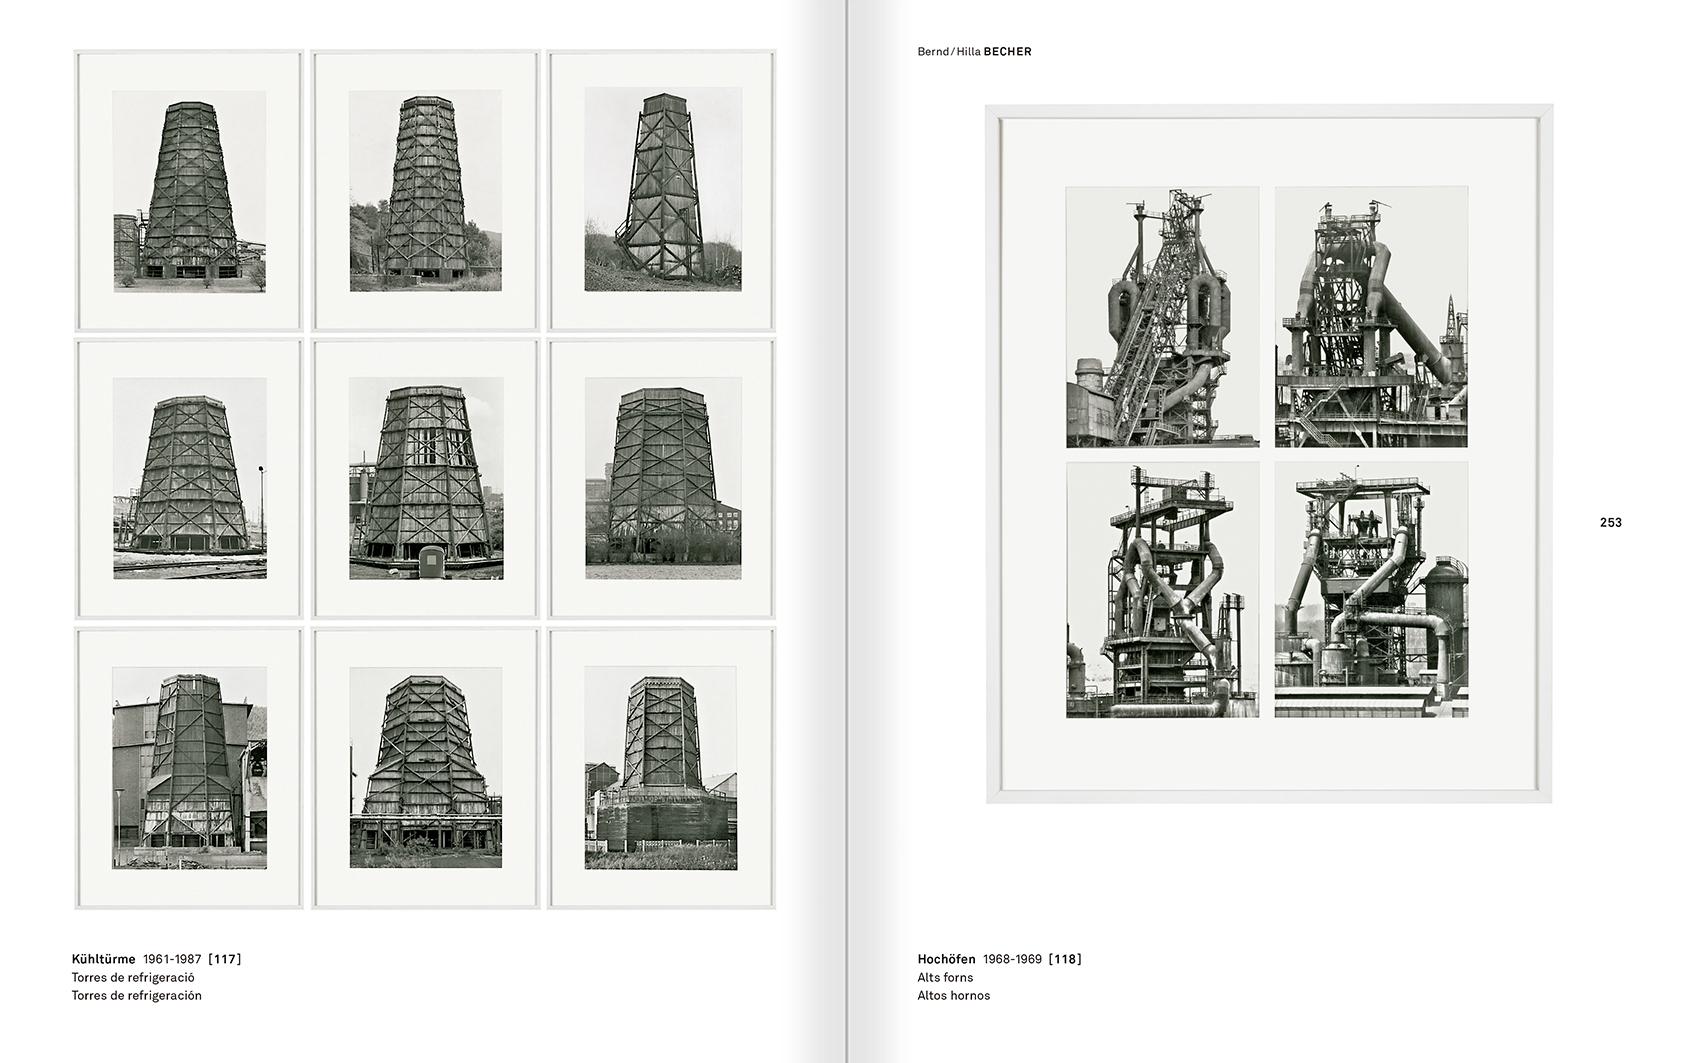 """Selecció del catàleg """"Amb la probabilitat de ser vist. Dorothee i Konrad Fischer: Arxius d'una actitud"""" pàgines 252 i 253"""